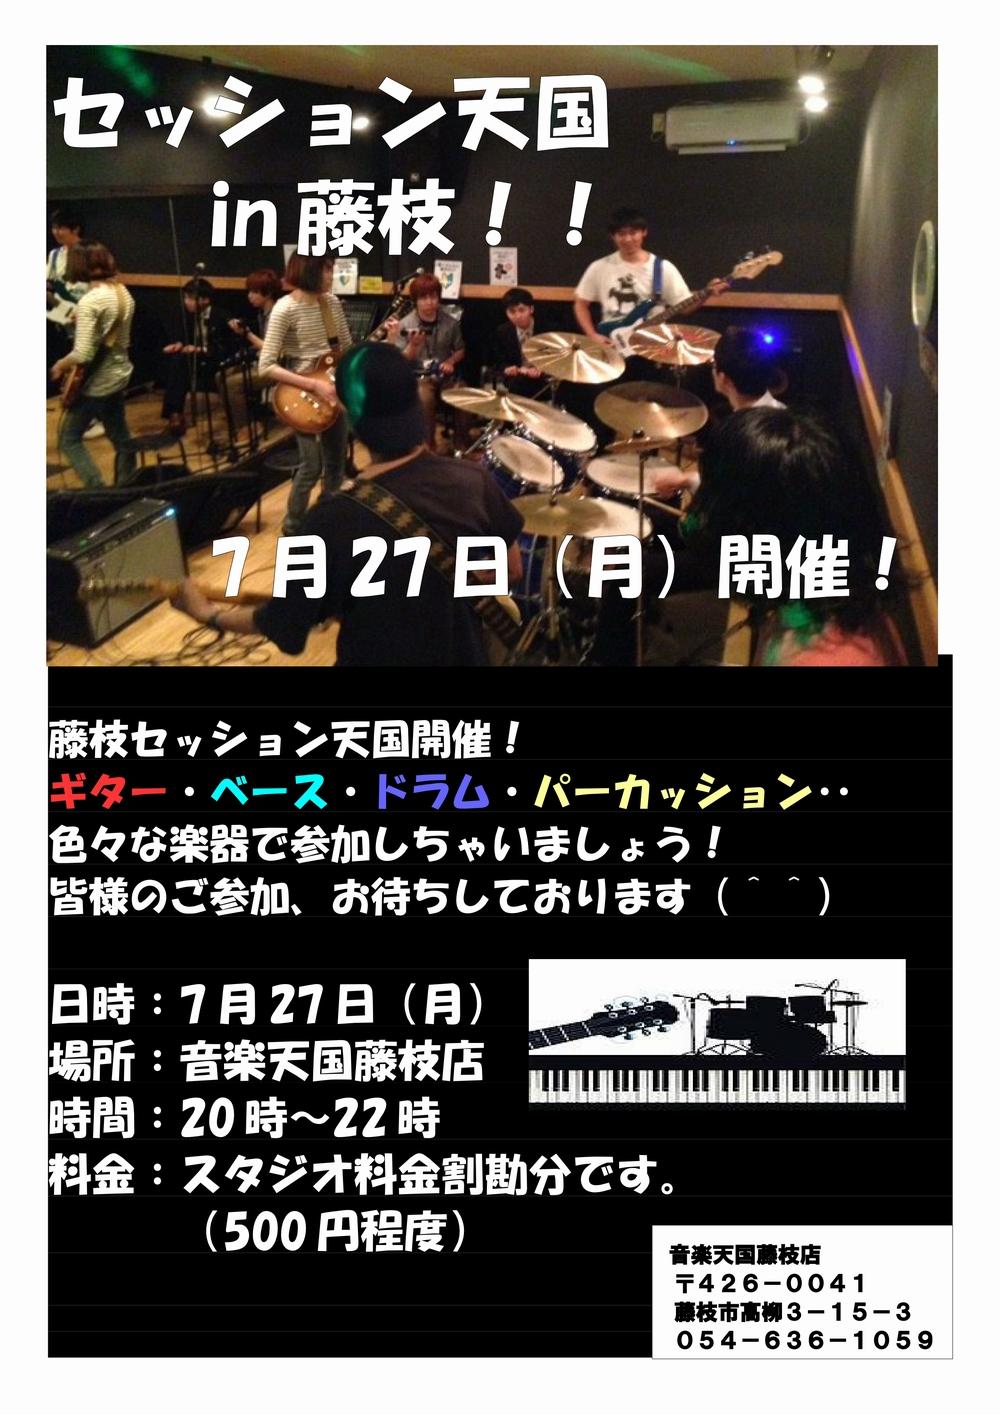 【セッション天国】音楽天国・藤枝店7月27日(月)開催